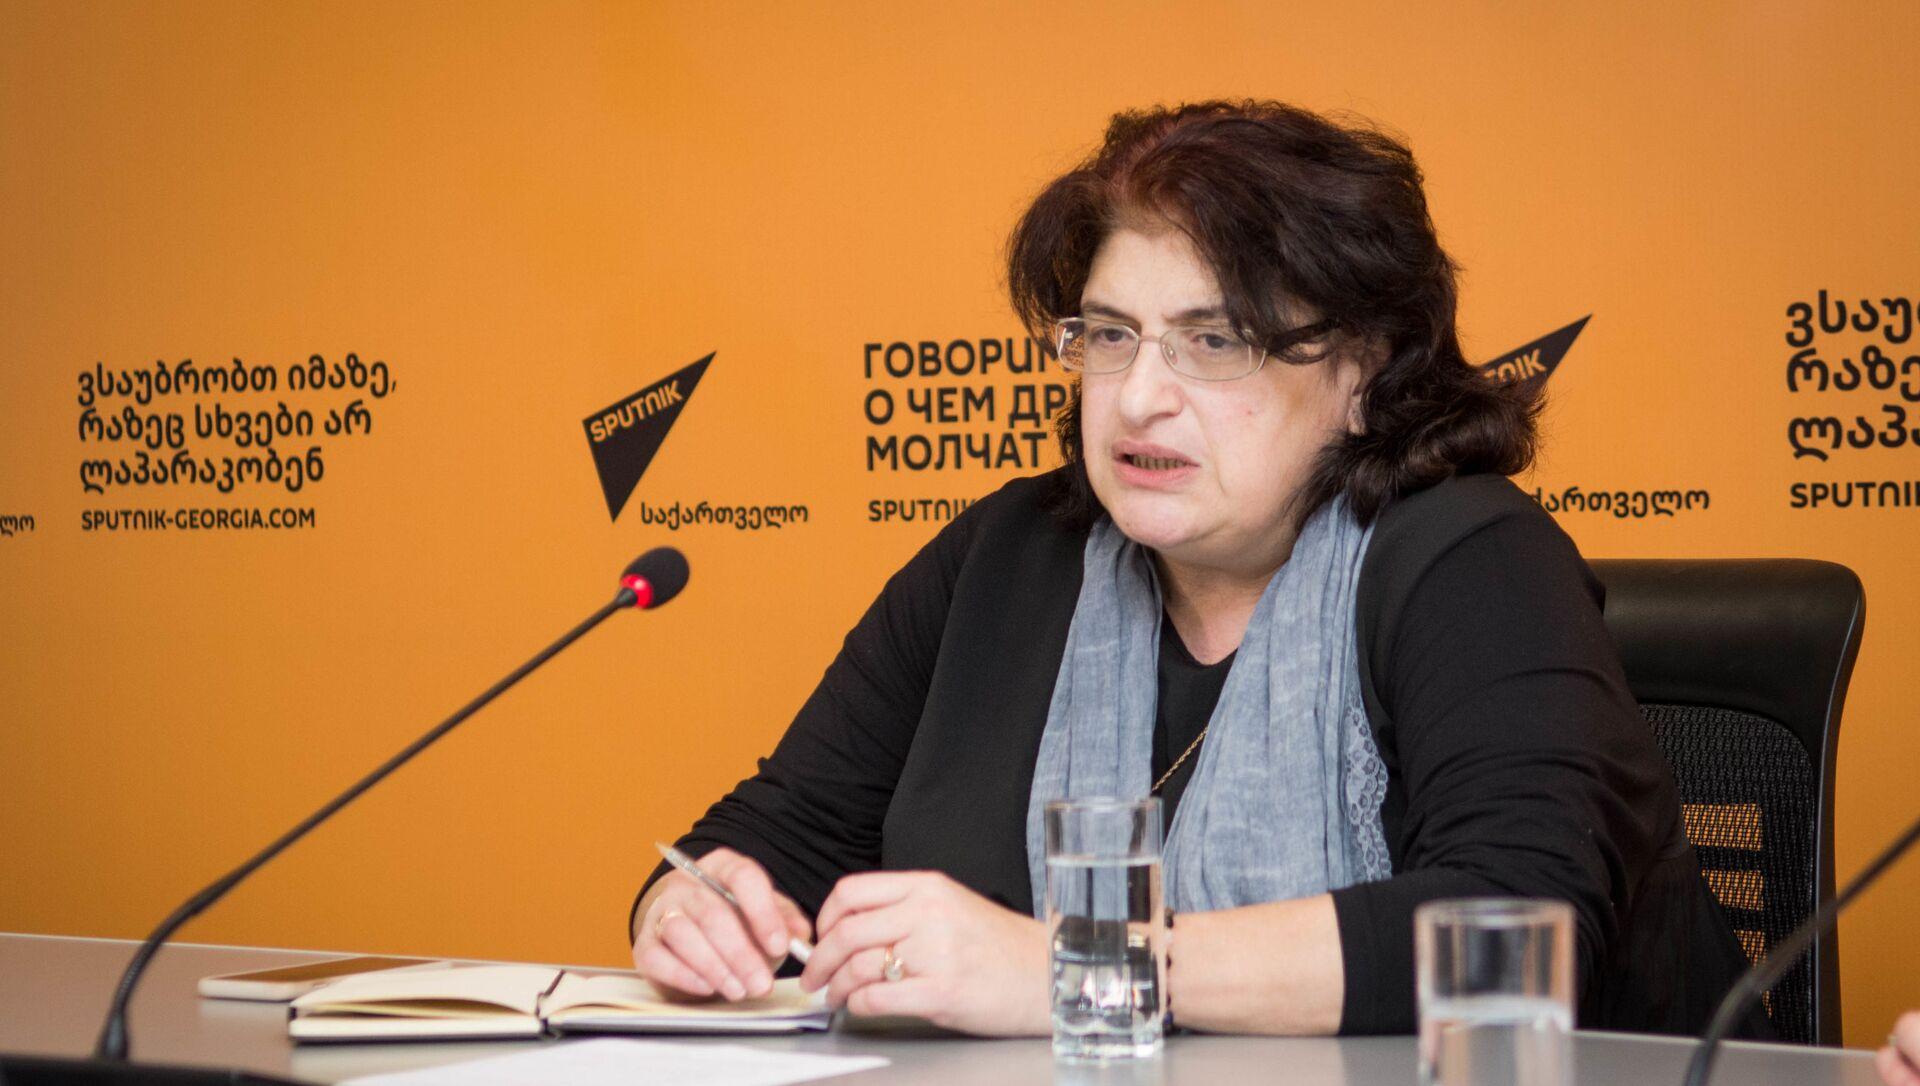 Нино Чхобадзе - бывший министр охраны окружающей среды, председатель организации Зеленые Грузии - друзья Земли - Sputnik Грузия, 1920, 16.02.2021